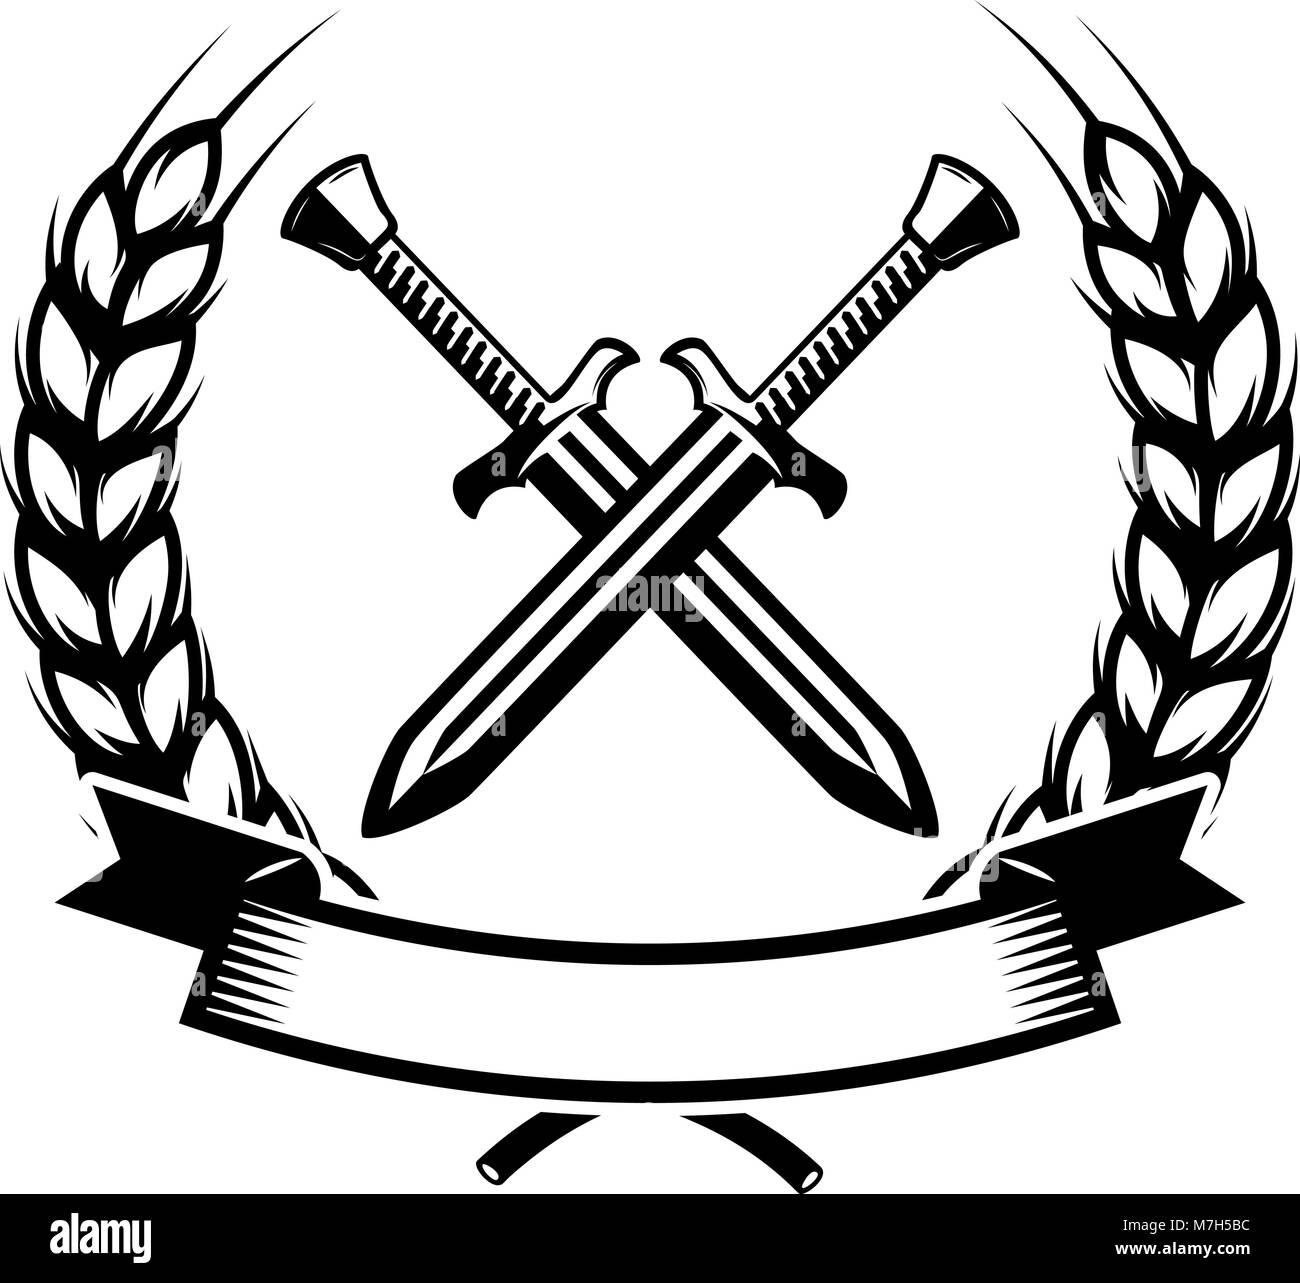 Emblem Template With Crossed Swords Design Element For Logo Label